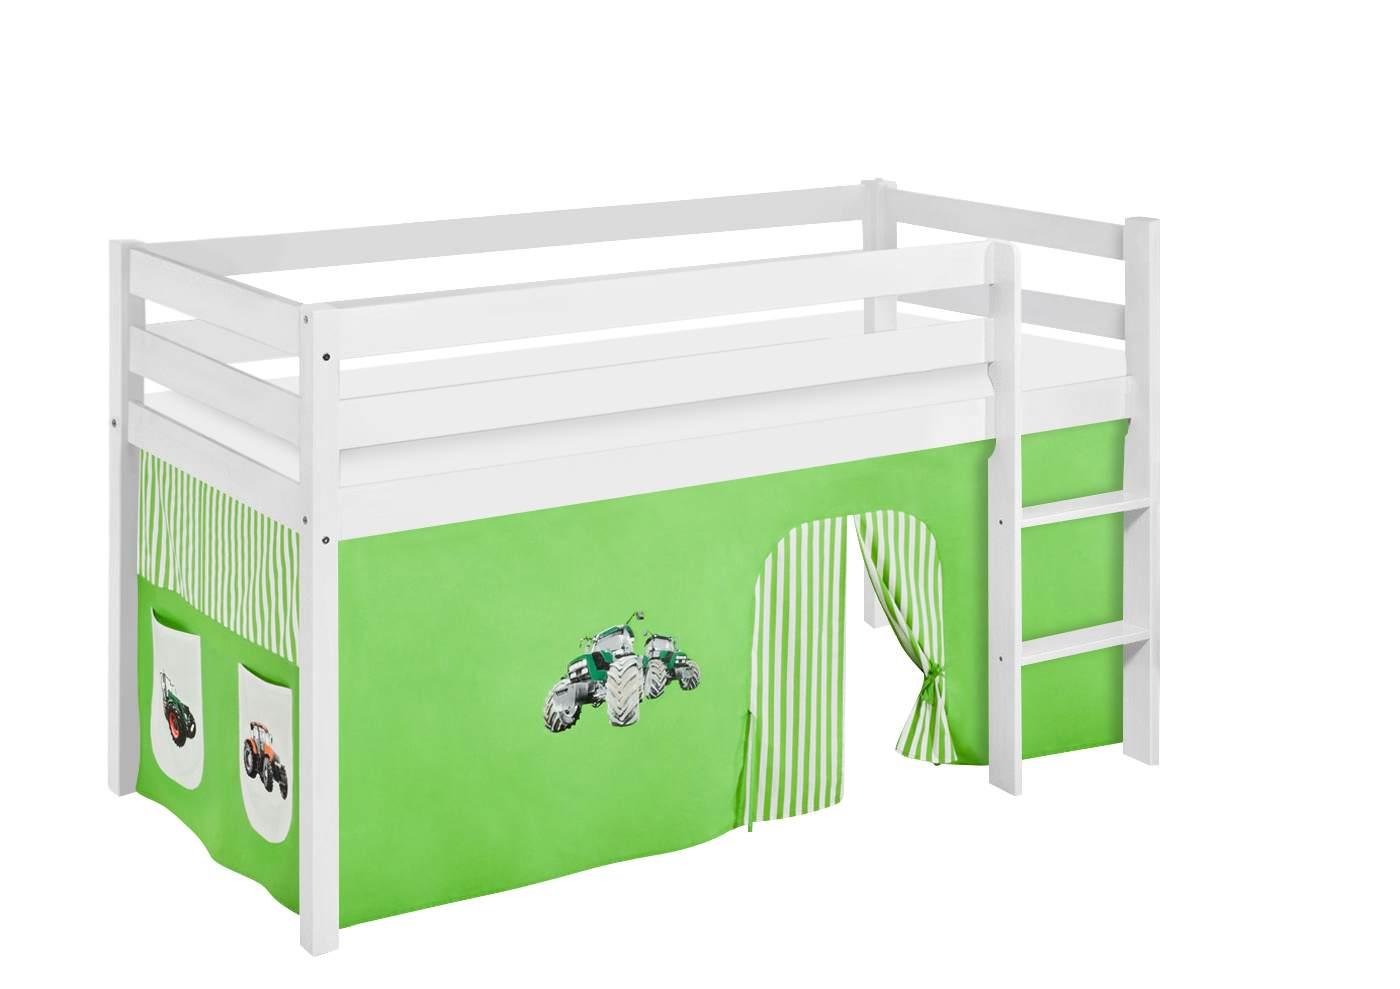 Lilokids 'Jelle' Spielbett 90 x 200 cm, Trecker Grün Beige, Kiefer massiv, mit Vorhang Bild 1